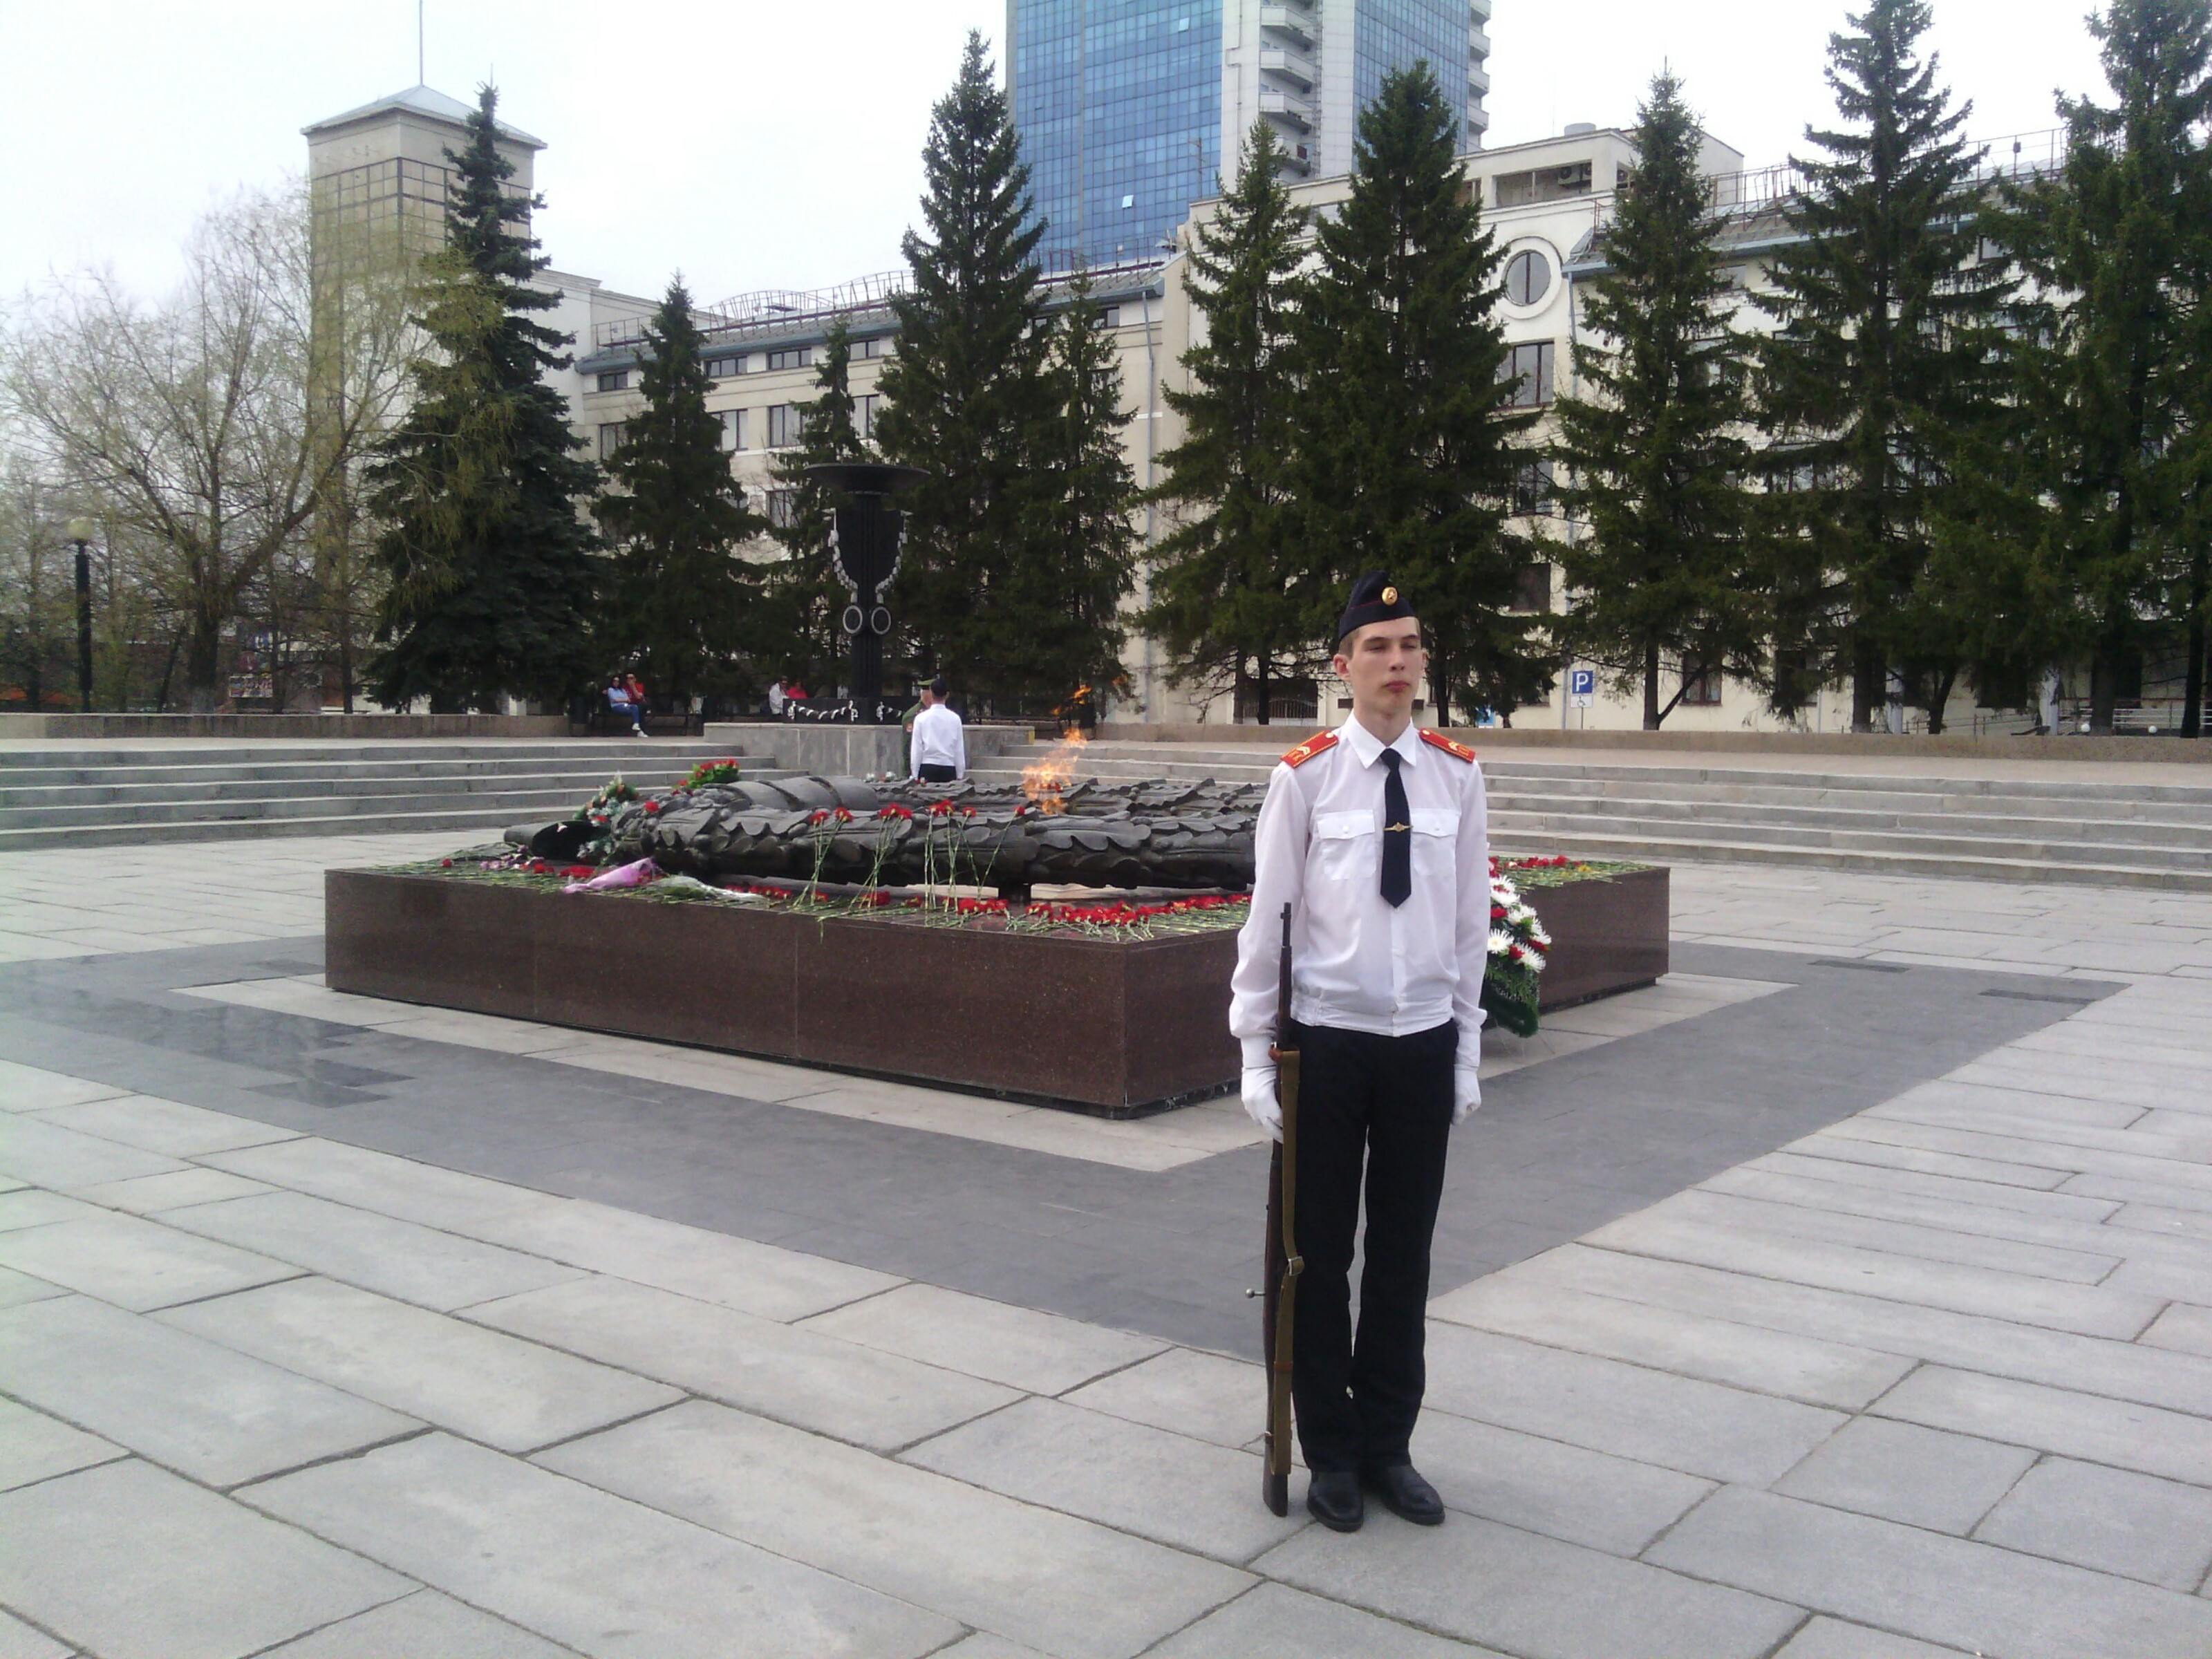 Юные челябинцы в преддверии 74-й годовщины Победы в Великой Отечественной войне заступили на Вахт